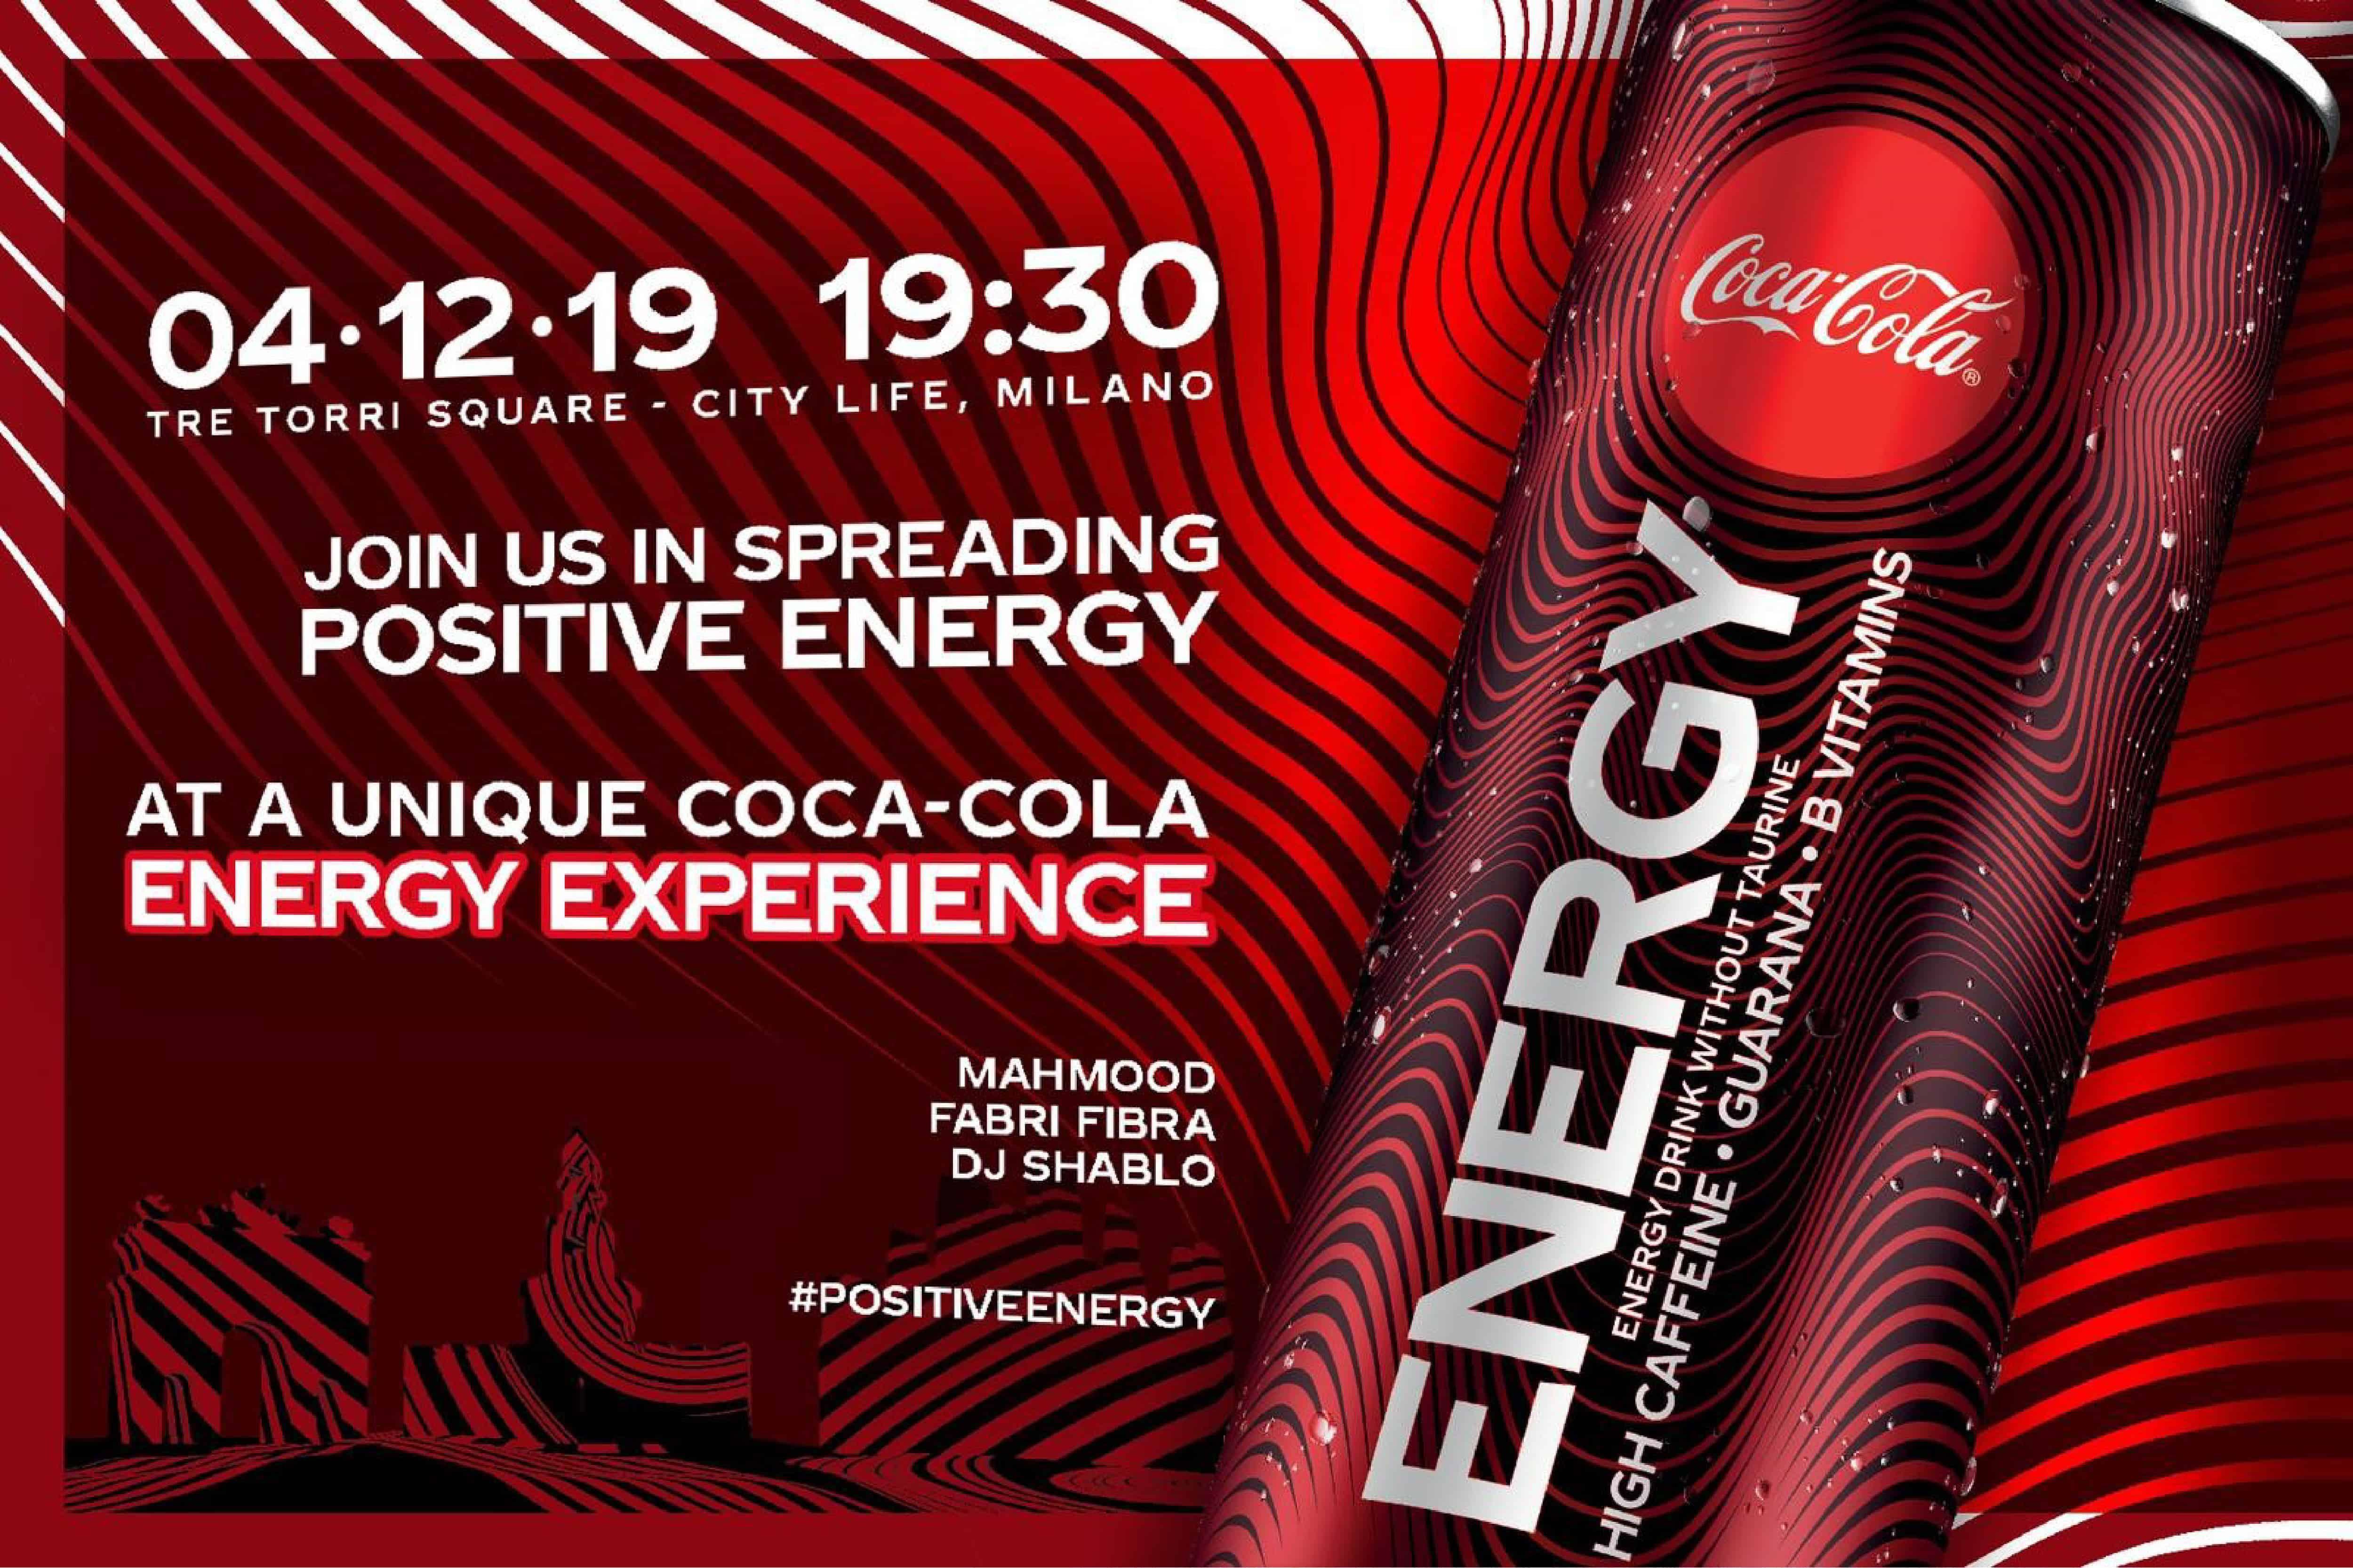 coca cola energy experience live